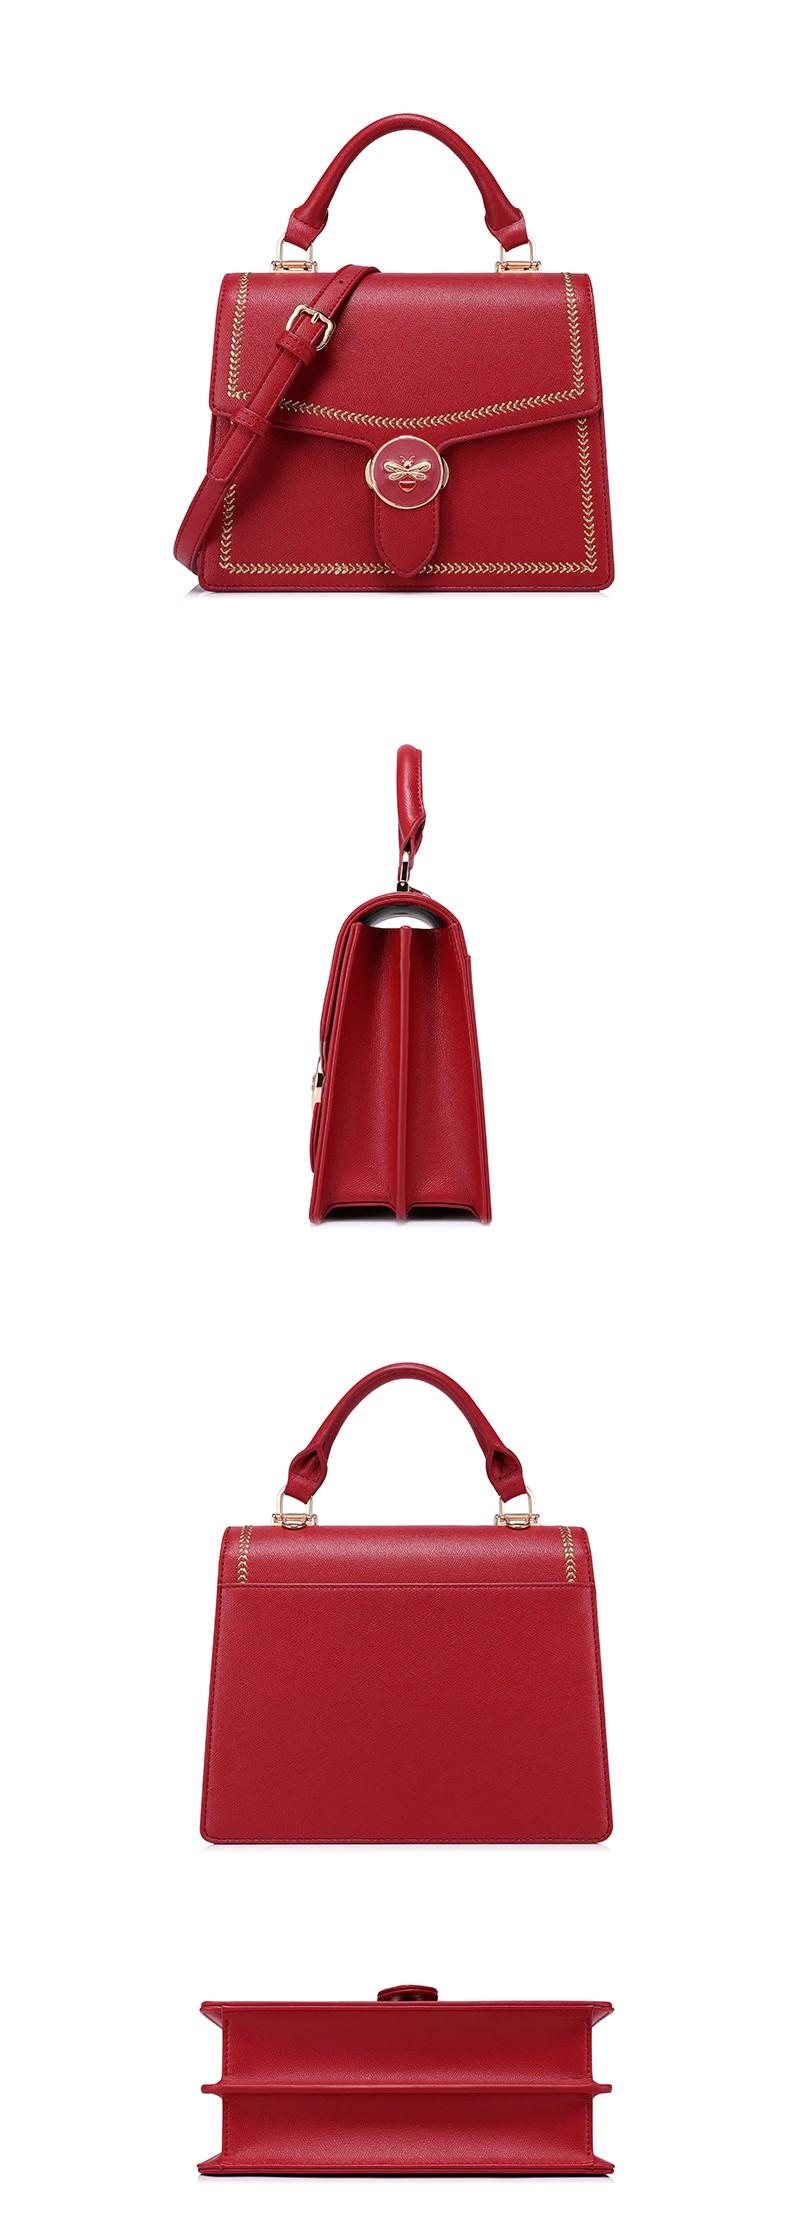 Túi xách nữ thời trang Just Star Virgo VG559